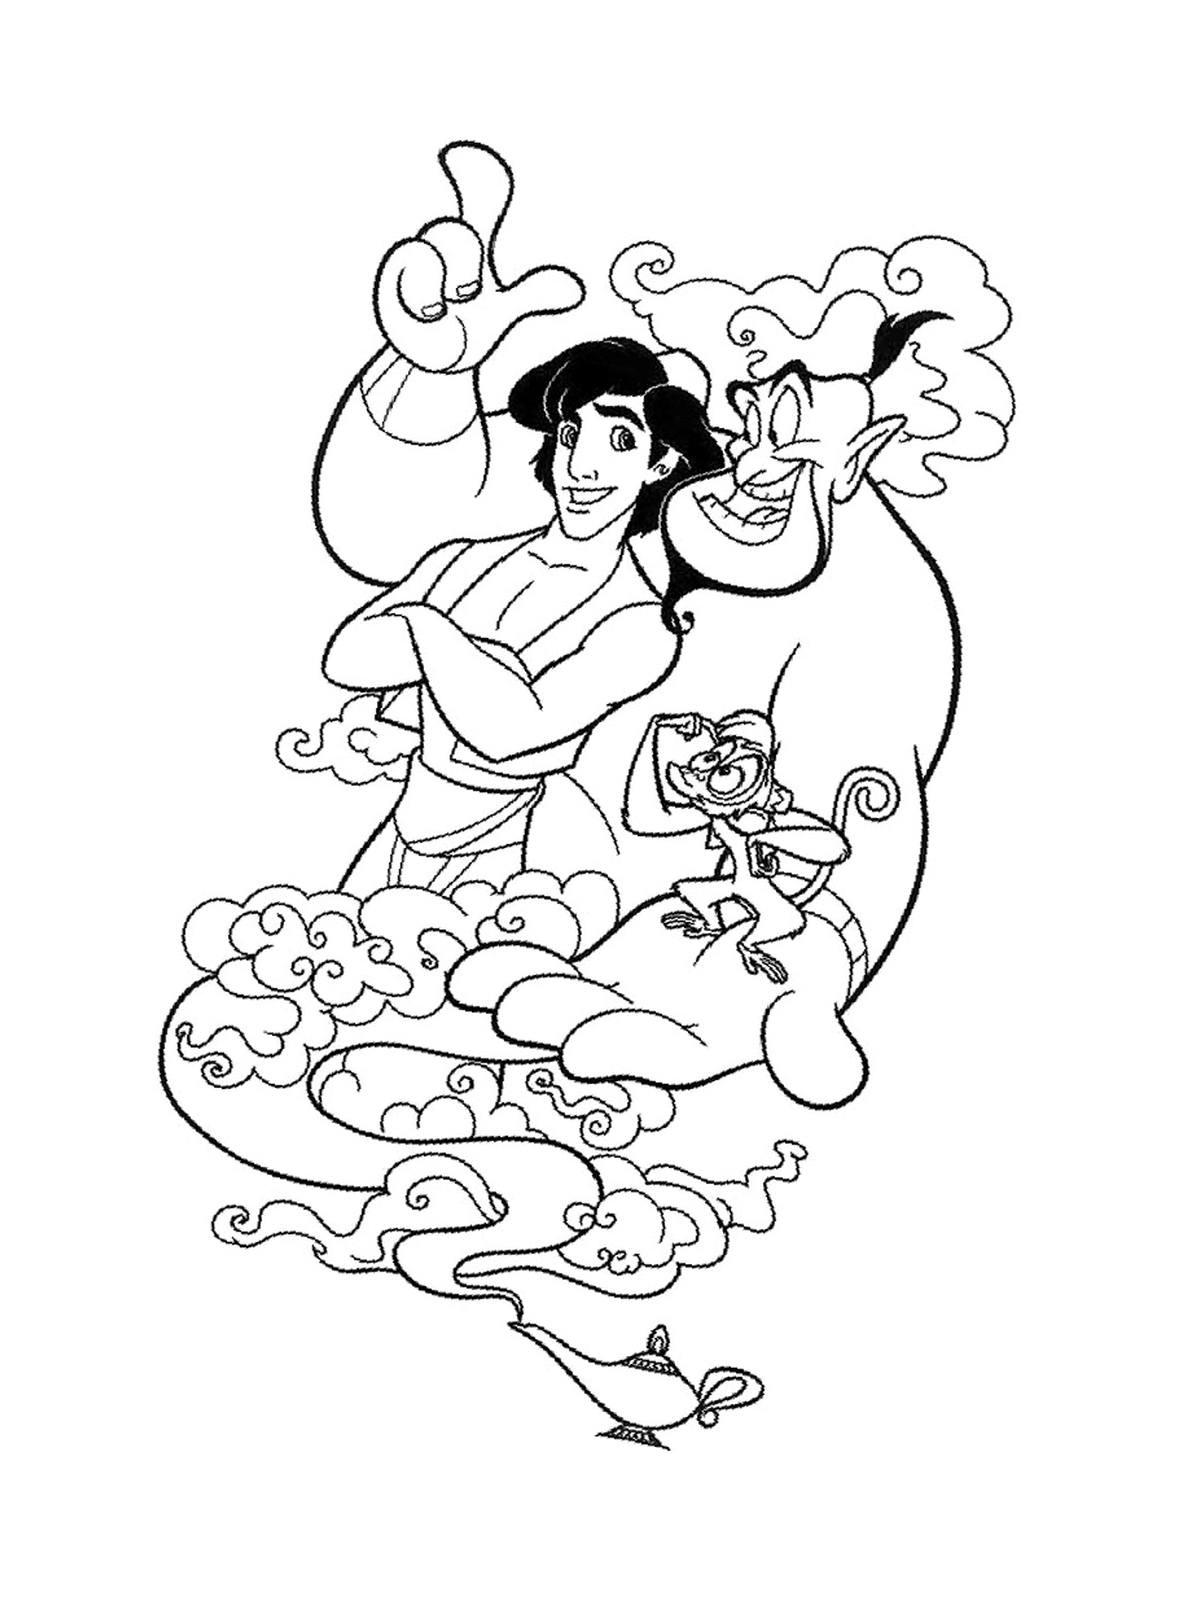 Ausmalbilder Malvorlagen - Aladdin kostenlos zum